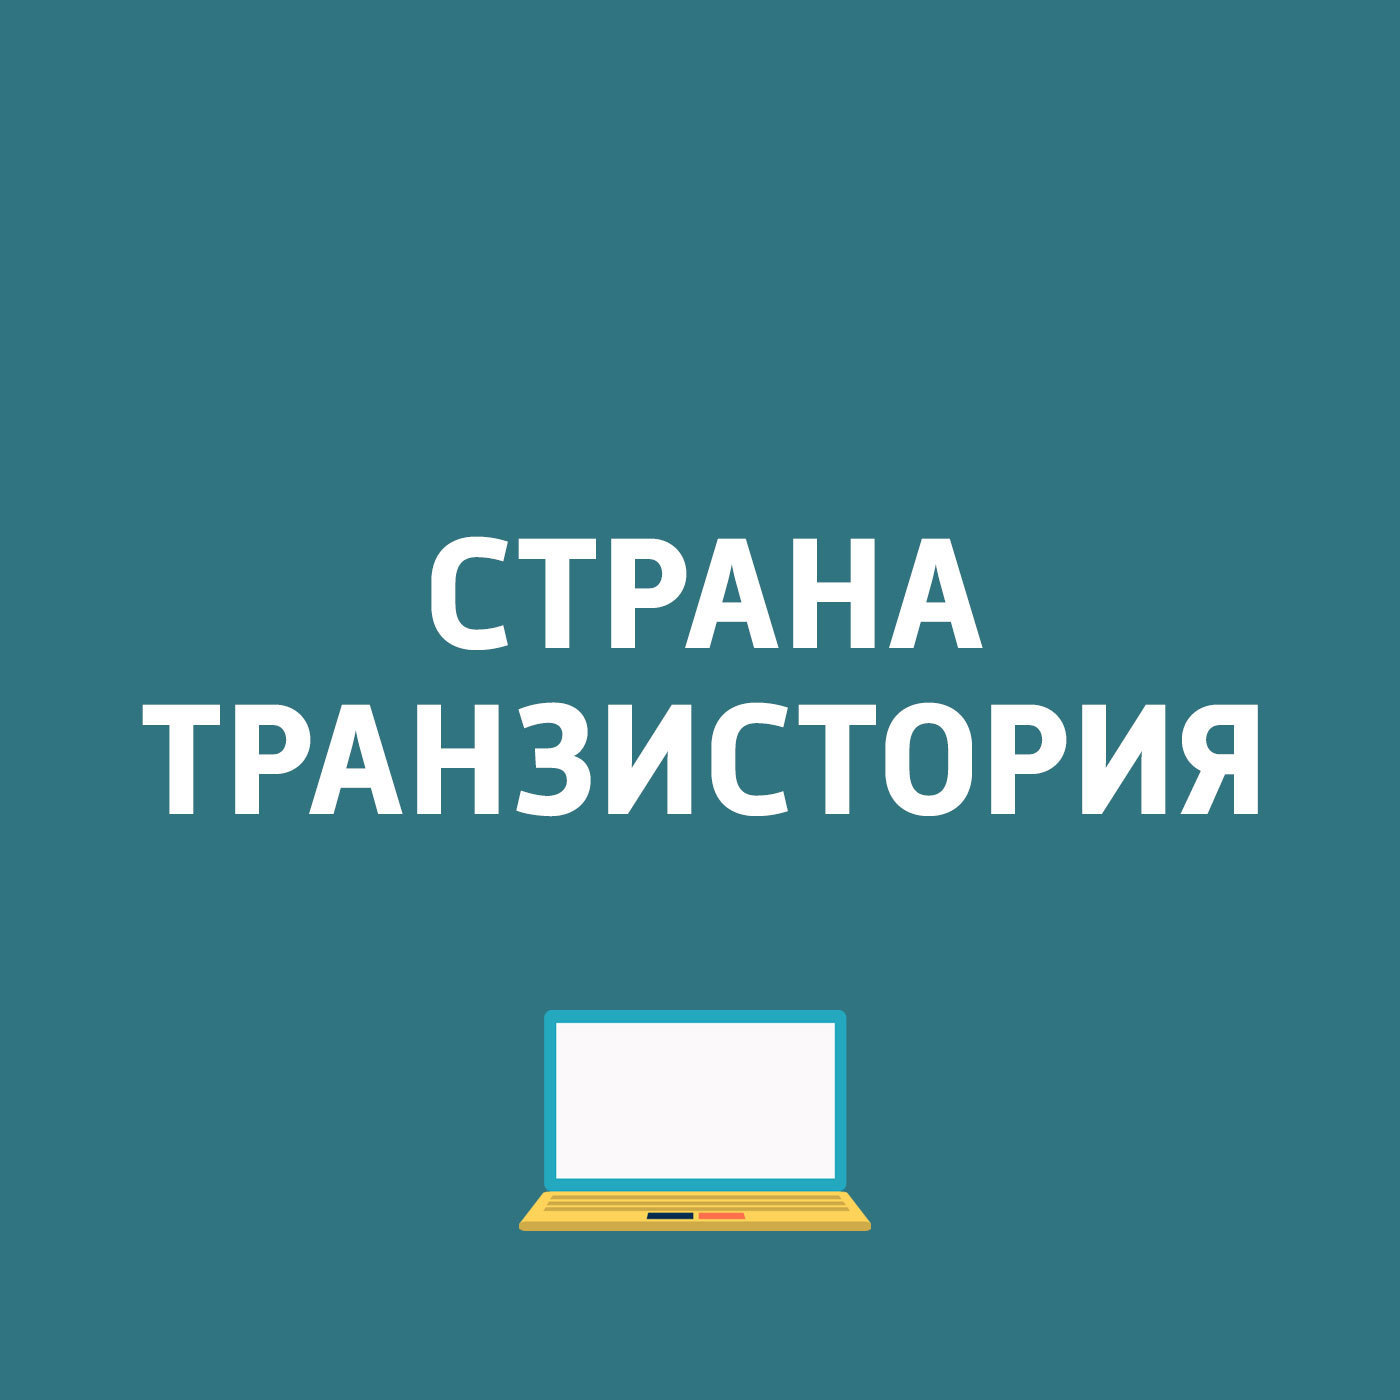 Картаев Павел Meizu объявила дату презентации новой линейки флагманских смартфонов; Домену .RU исполнилось 24 года; суперкомпьютер NVIDIA Project Clara для презентации на выставке